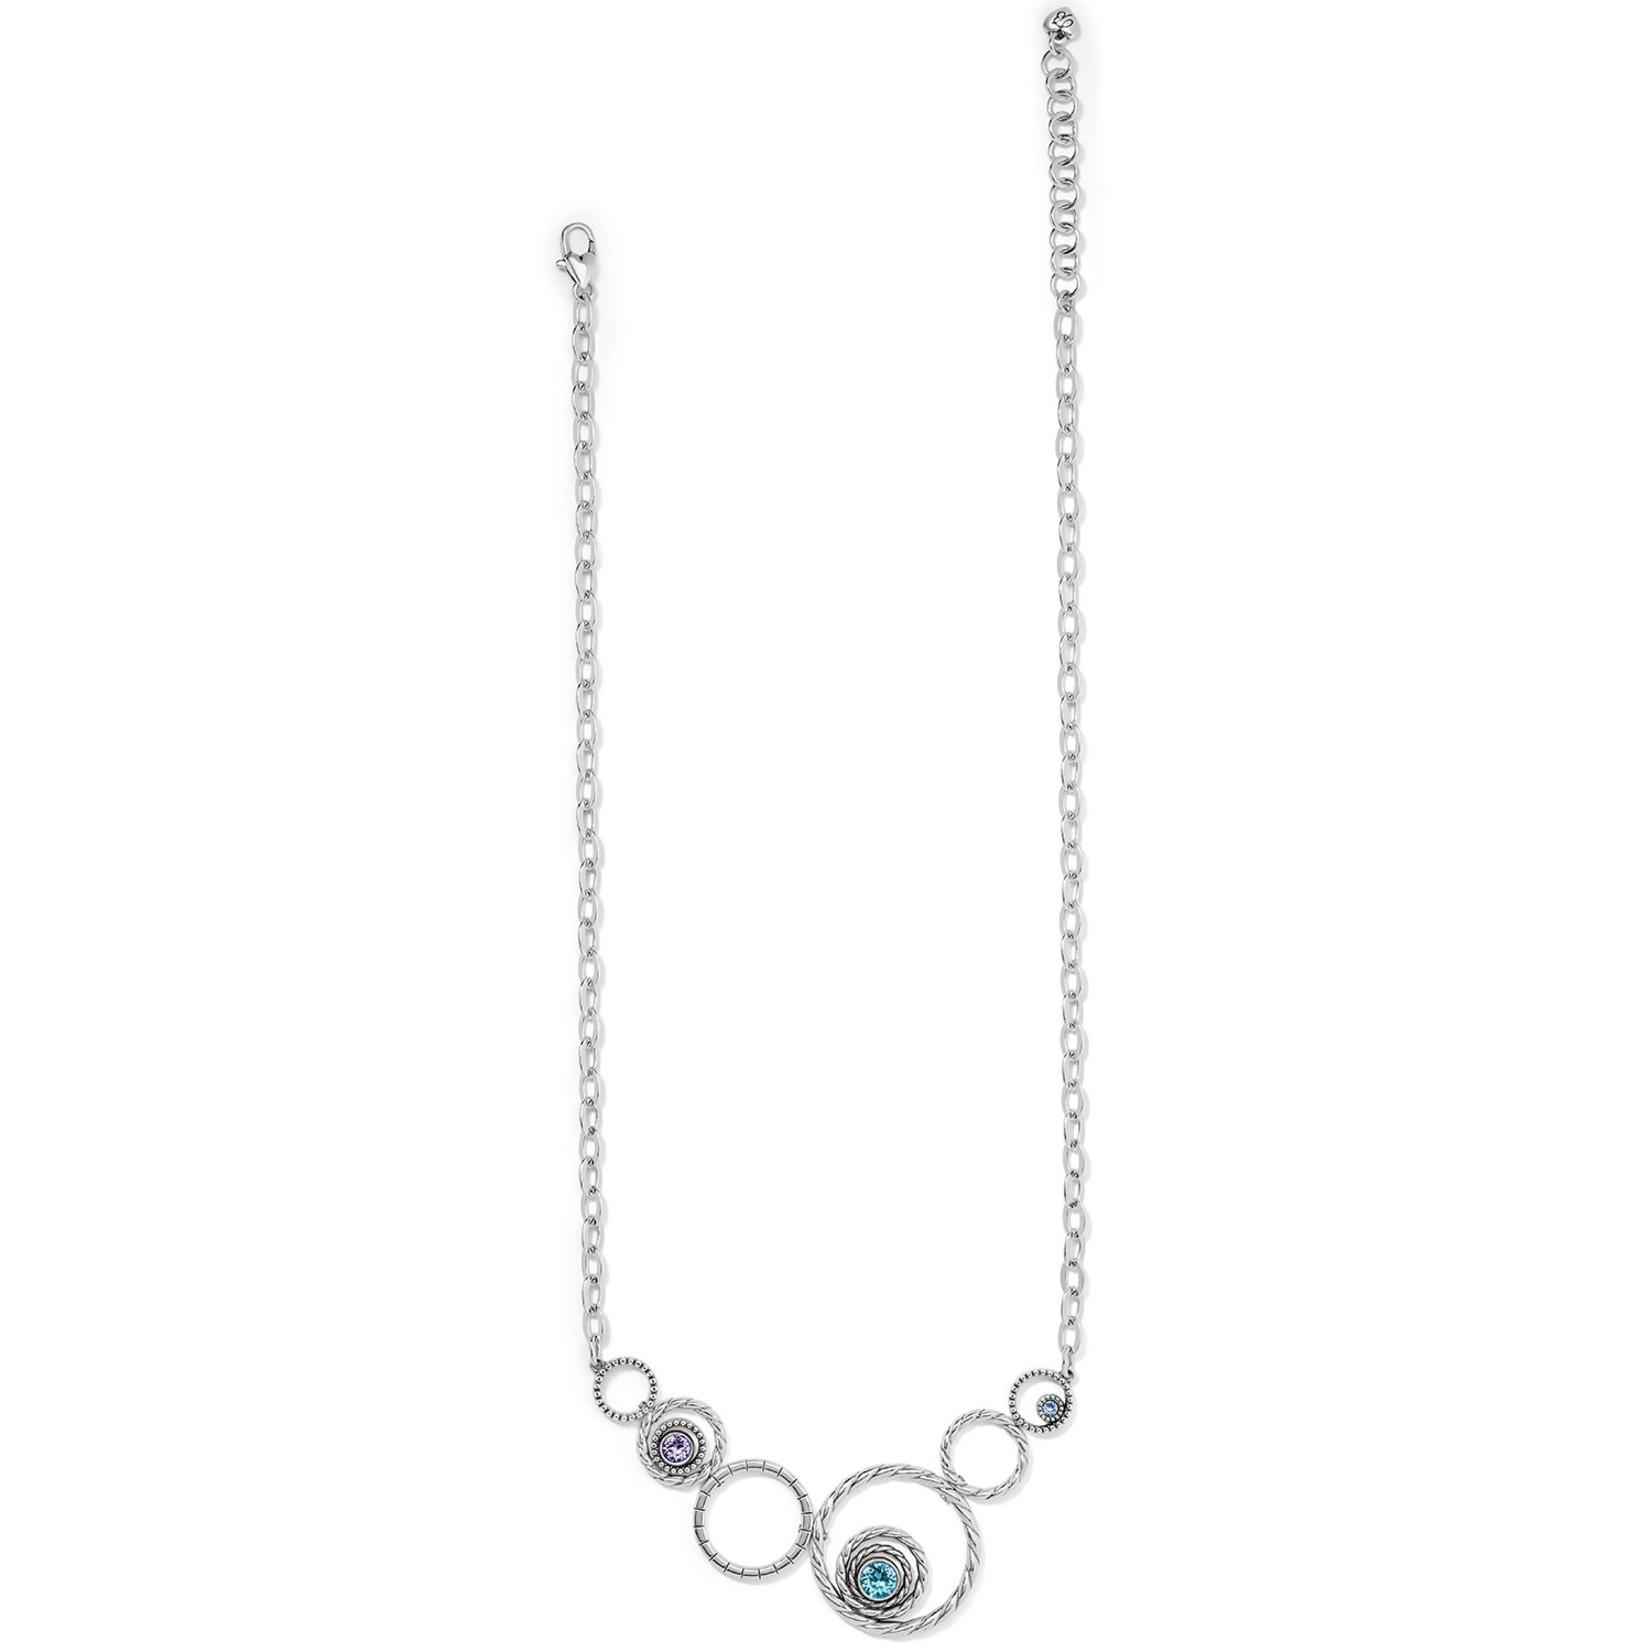 Brighton Halo Radiance Statement Necklace - Silver-Tanzanite